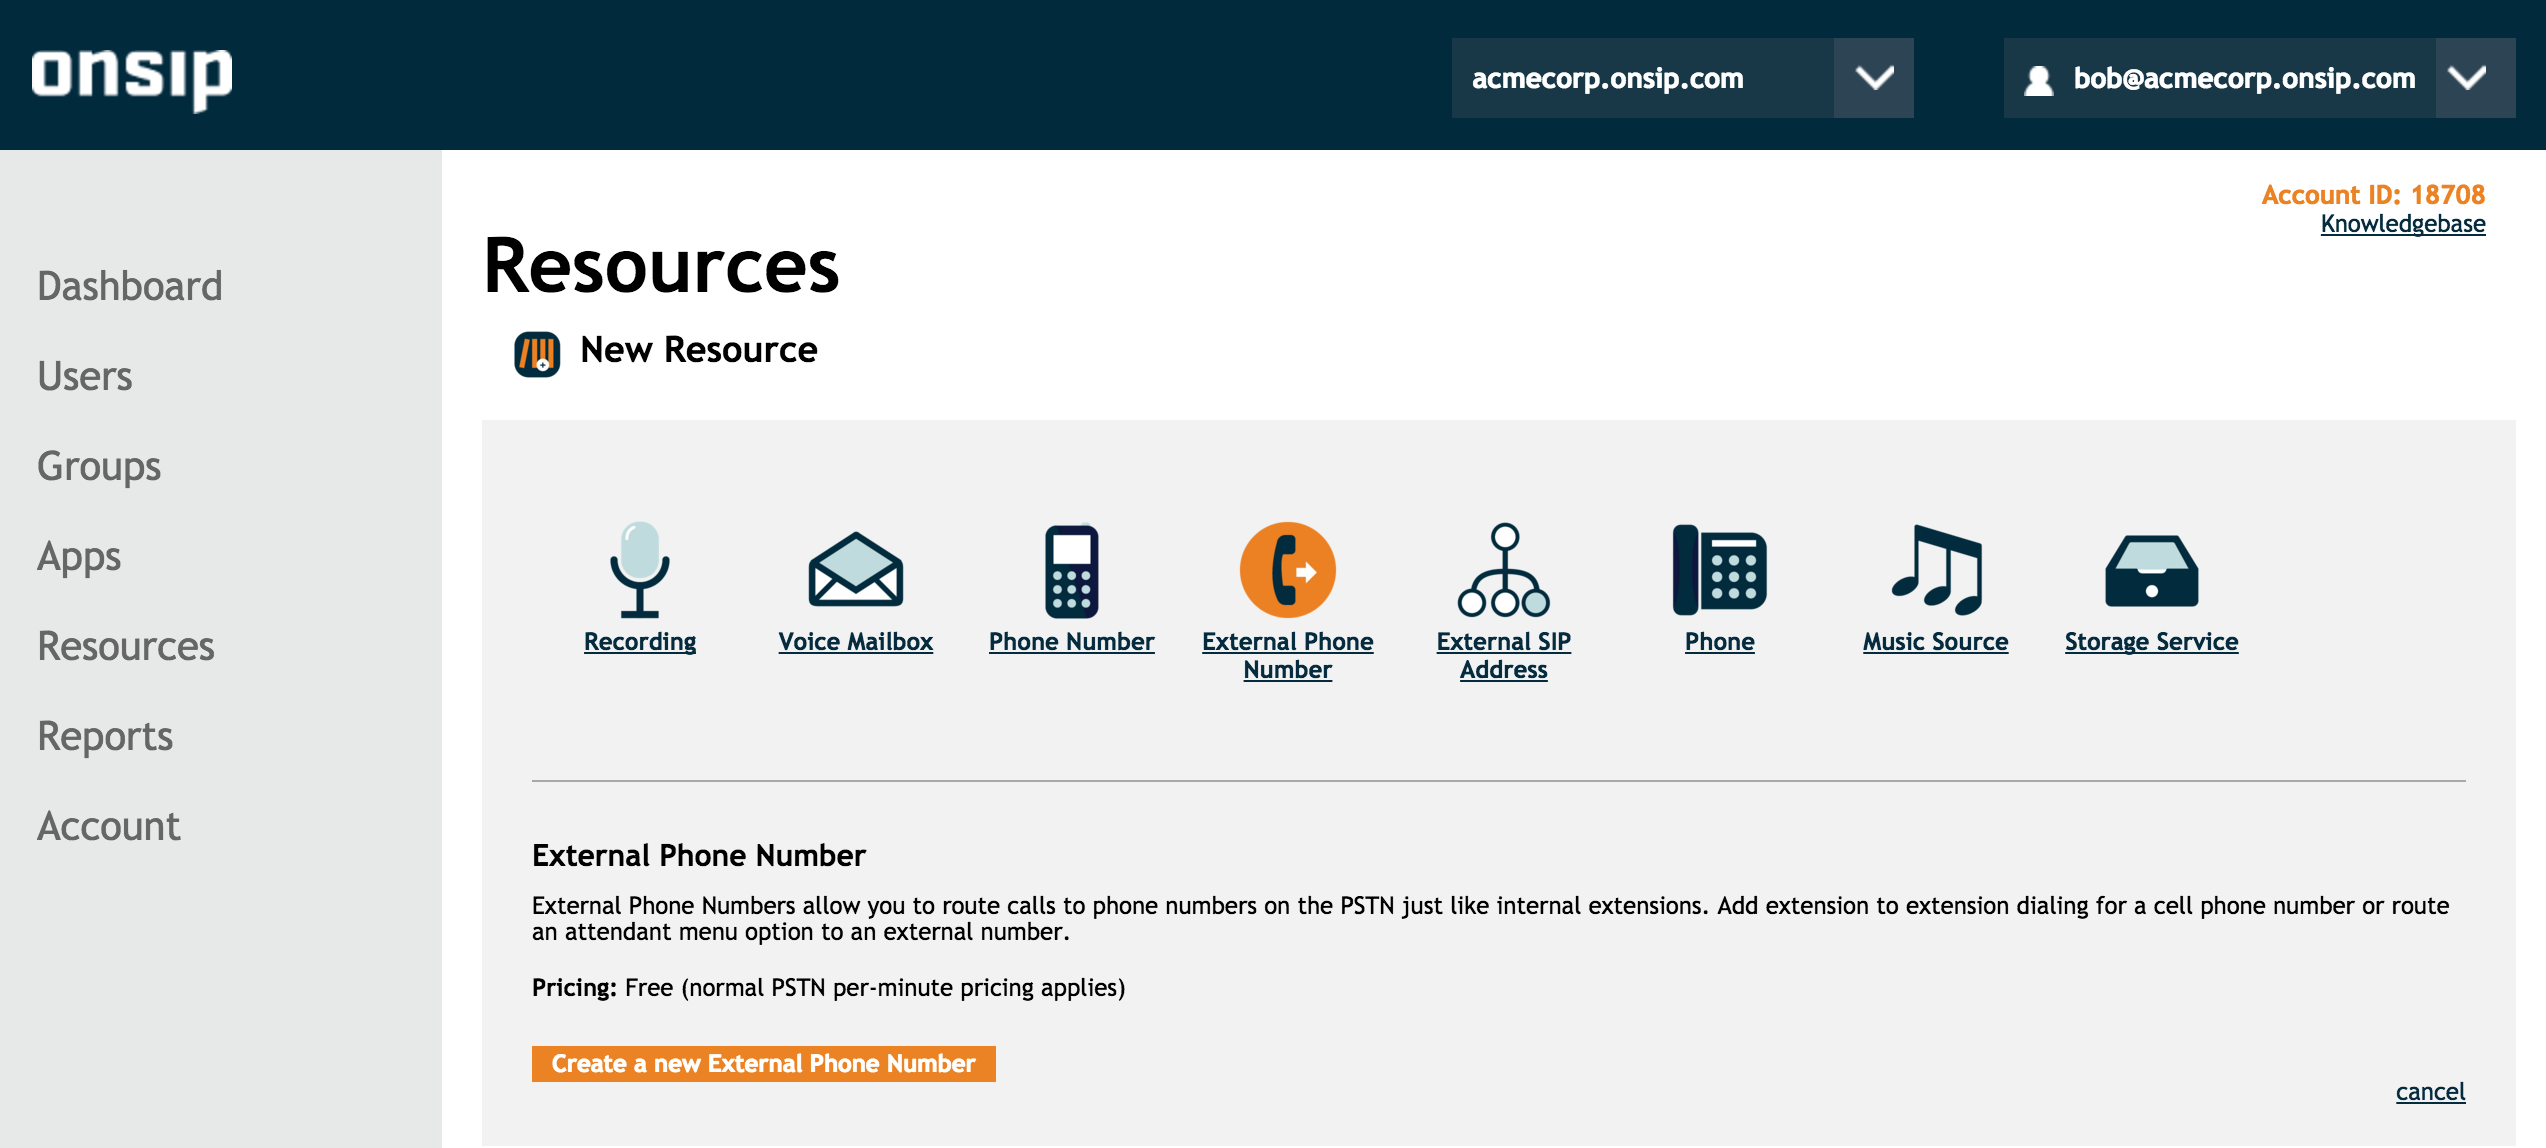 OnSIP Admin Portal